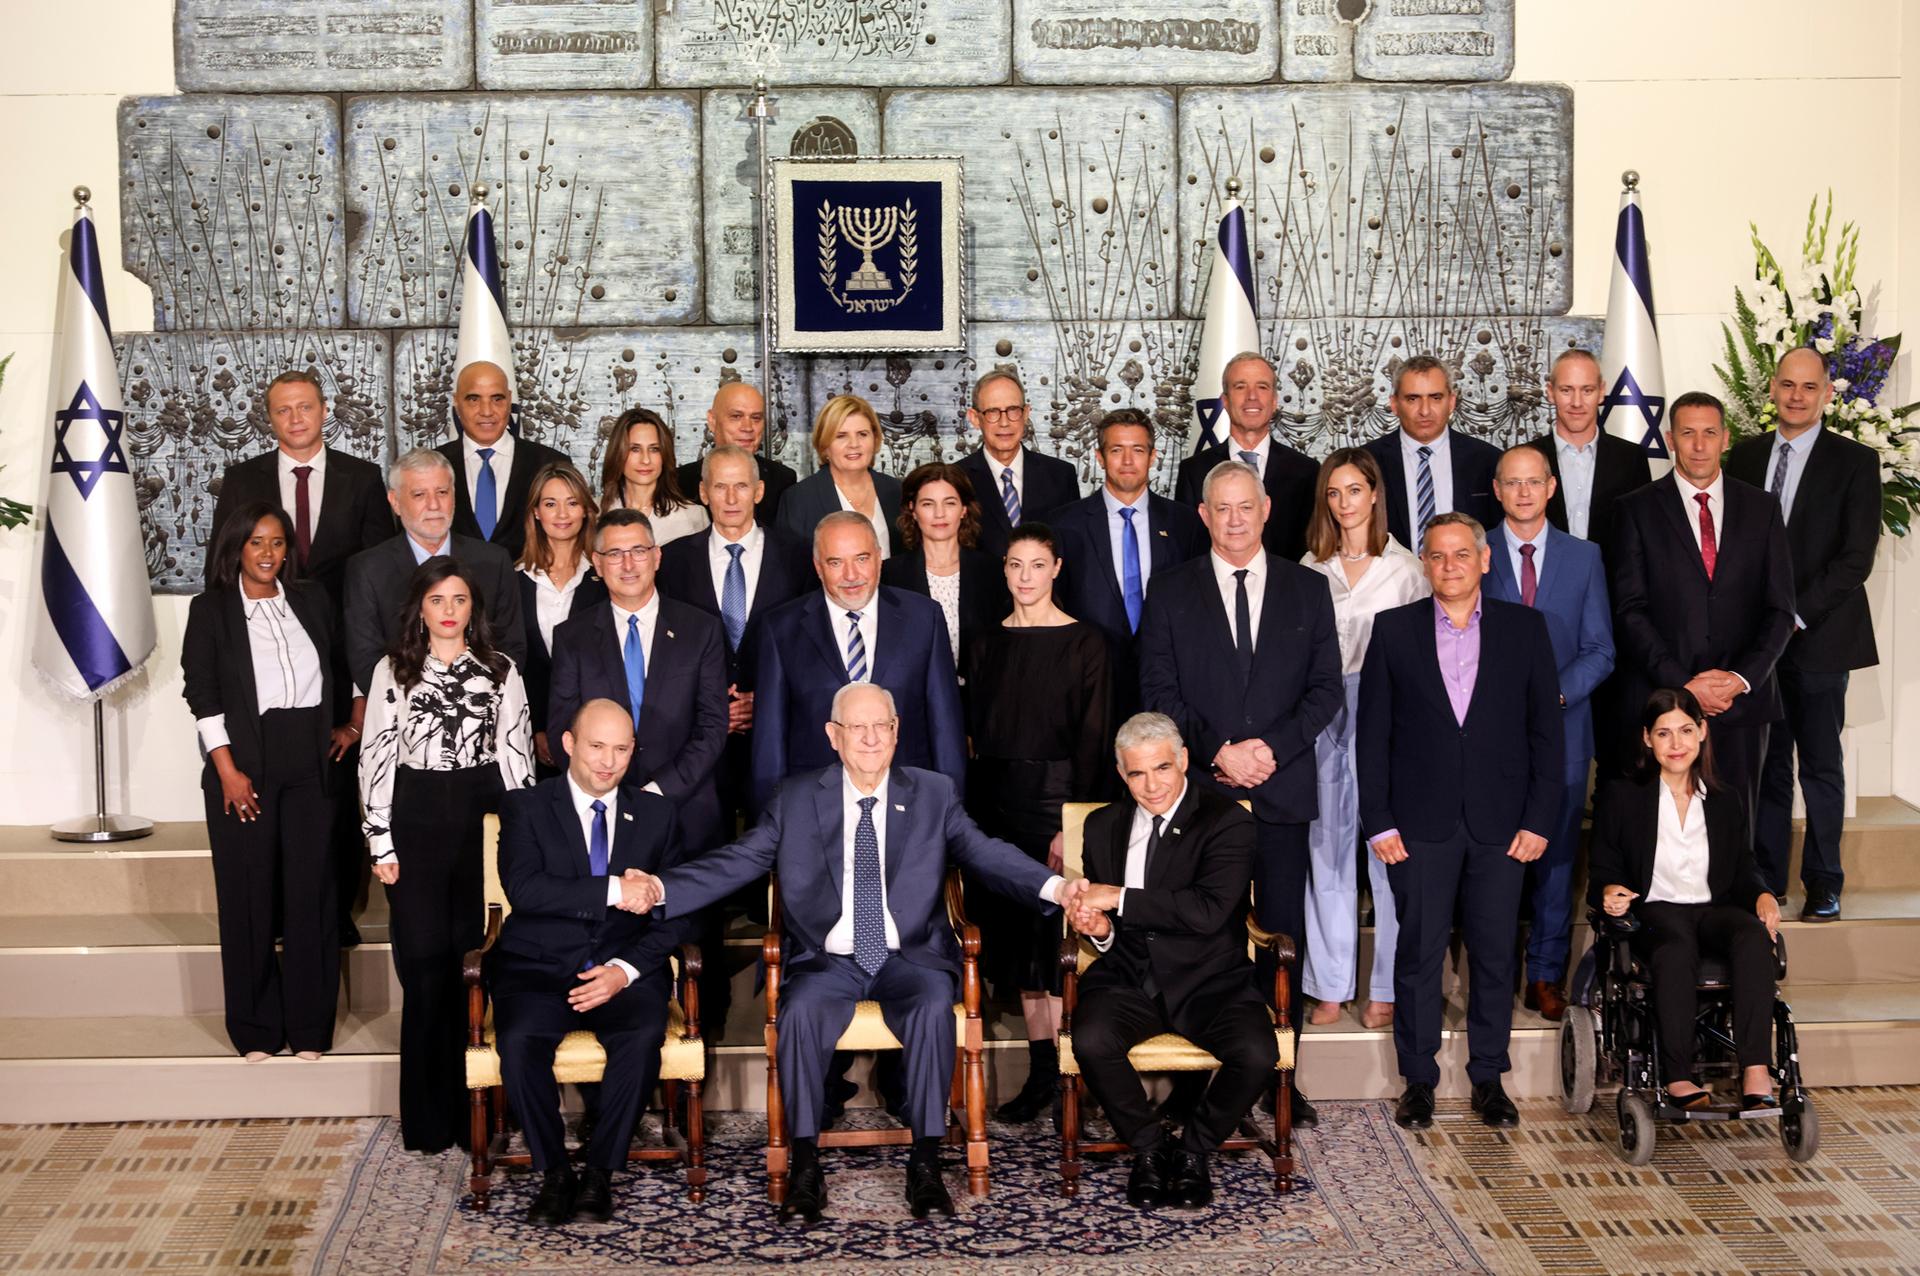 פוטו השבעת ממשלה תמונה עם הנשיא